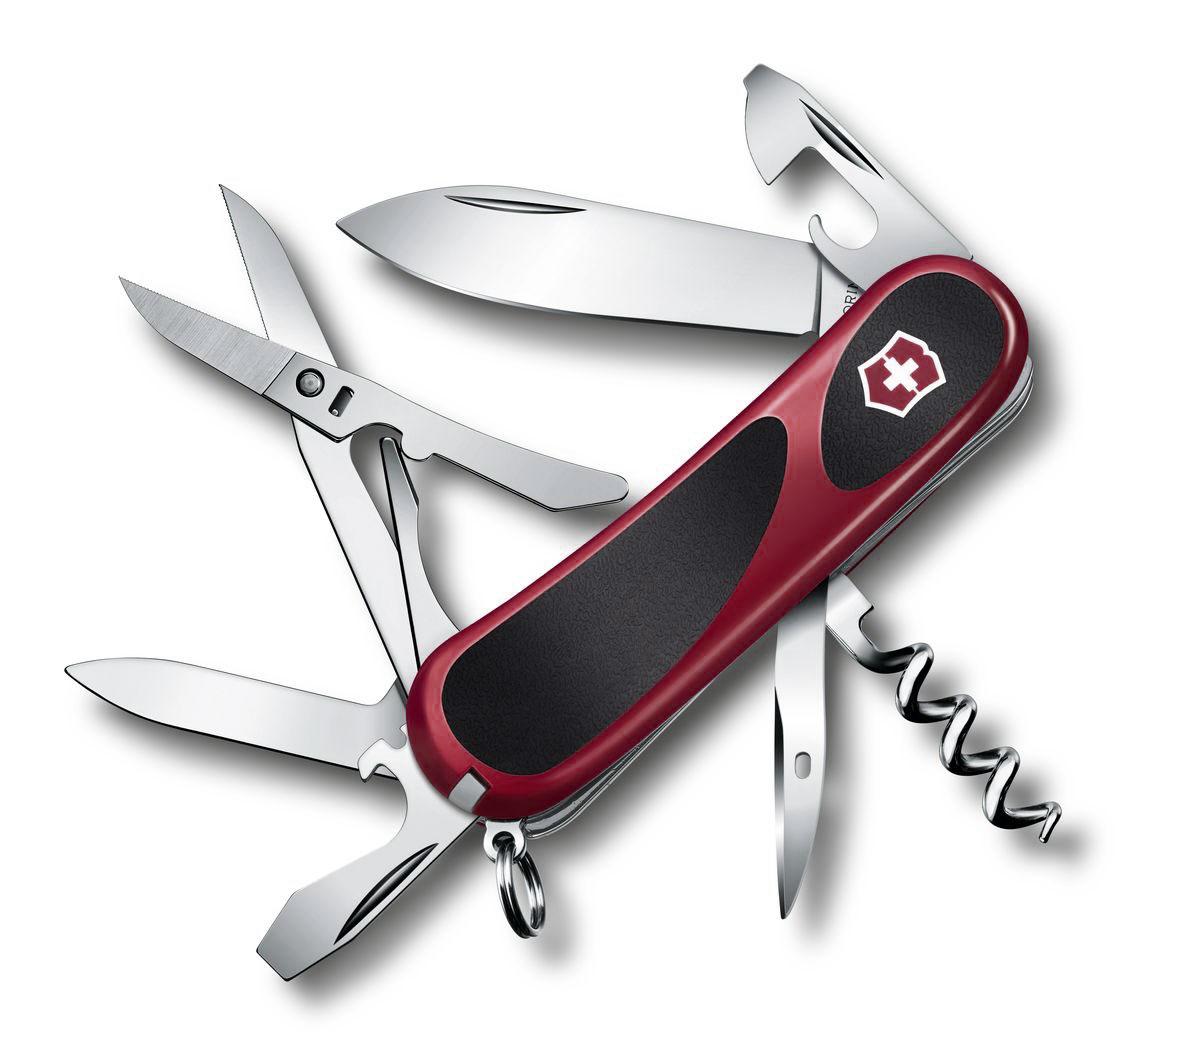 Нож перочинный Victorinox Evolution S14, цвет: красный, черный, 14 функций, 8,5 см2.3903.CЛезвие перочинного складного ножа Victorinox Evolution S14 изготовлено из высококачественной нержавеющей стали. Ручка, выполненная из прочного пластика с резиновыми вставками, обеспечивает надежный и удобный хват.Хорошее качество, надежный долговечный материал и эргономичная рукоятка - что может быть удобнее на природе или на пикнике!Функции ножа:Лезвие.Пилка для ногтей с инструментом по уходу за ногтями.Ножницы с серрейторной заточкой.Консервный нож с малой отверткой.Открывалка для бутылок с фиксирующейся отверткой и инструментом для снятия изоляции.Штопор.Шило, кернер.Кольцо для ключей.Пинцет.Зубочистка.Длина ножа в сложенном виде: 8,5 см.Длина ножа в разложенном виде: 15 см.